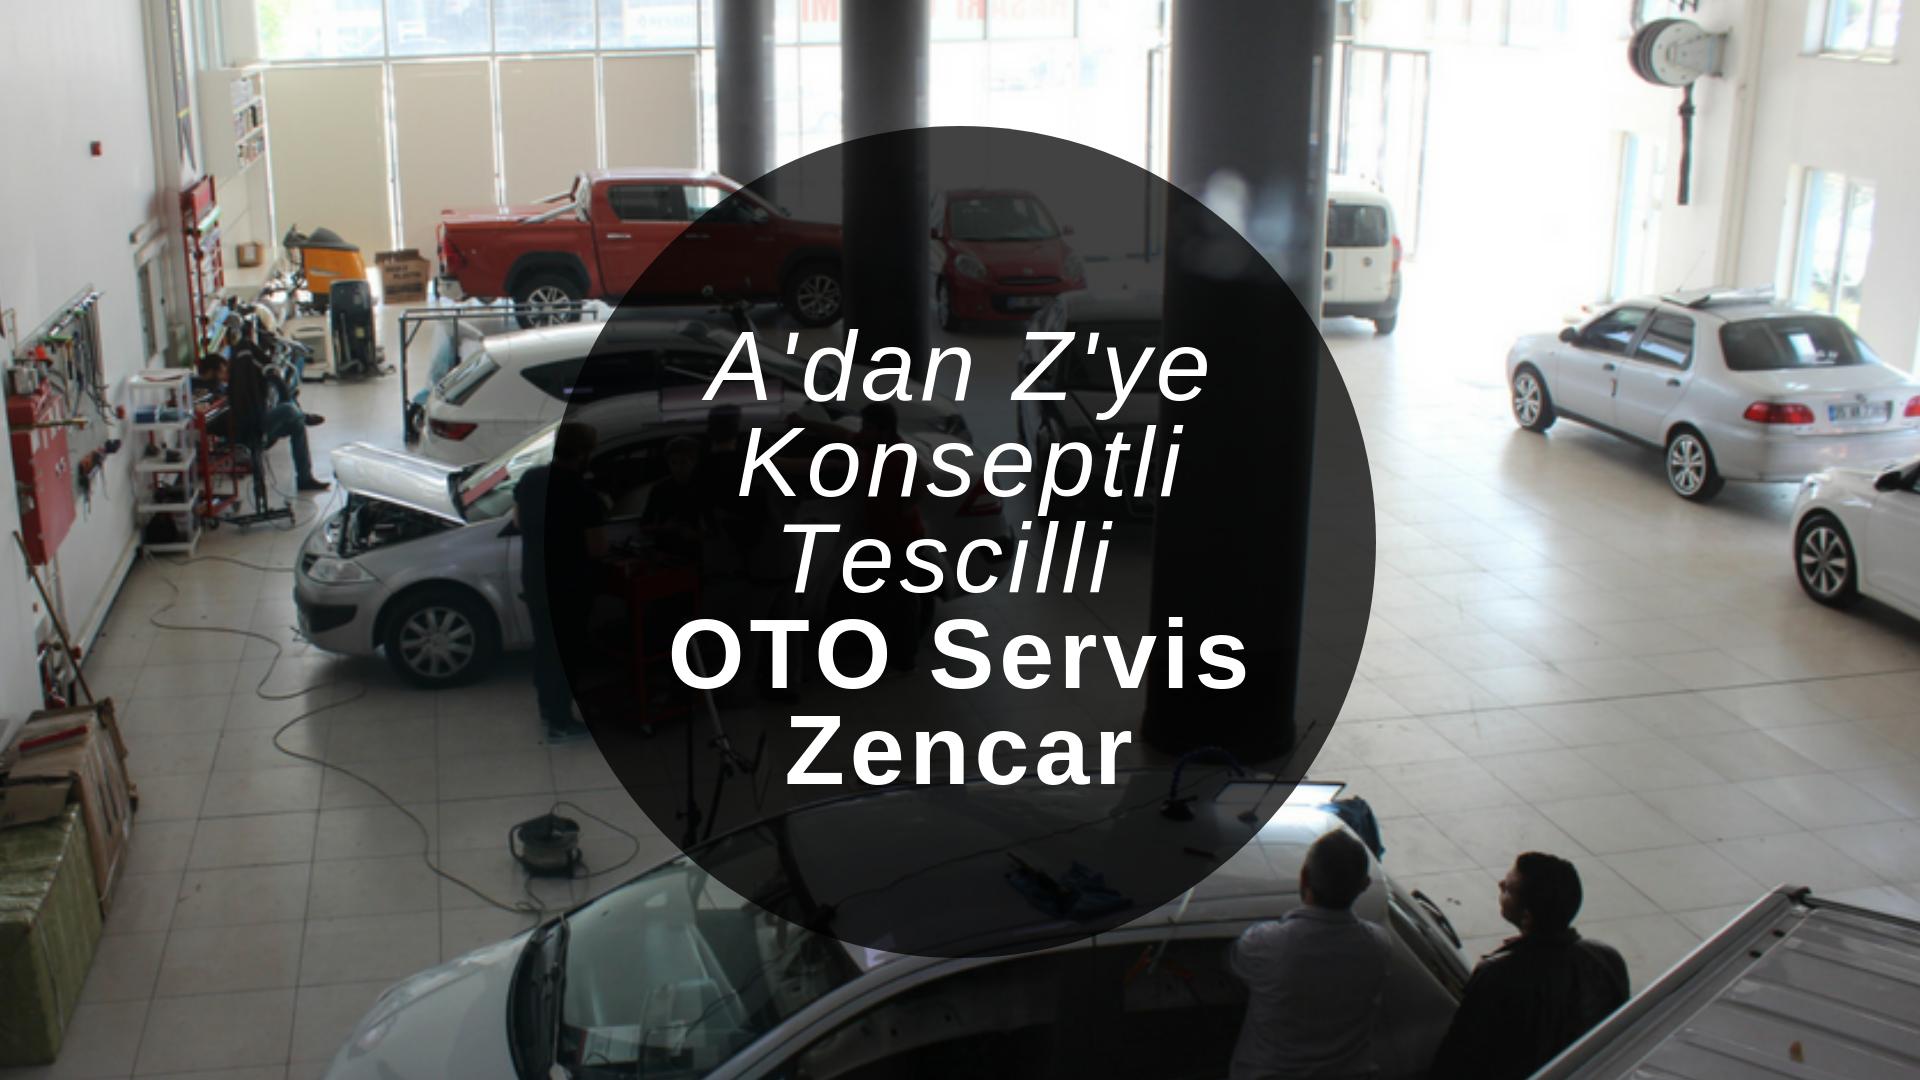 Türkiye'nin ilk A'dan Z'ye Oto Servis Konseptli Tescilli Özel Servisi